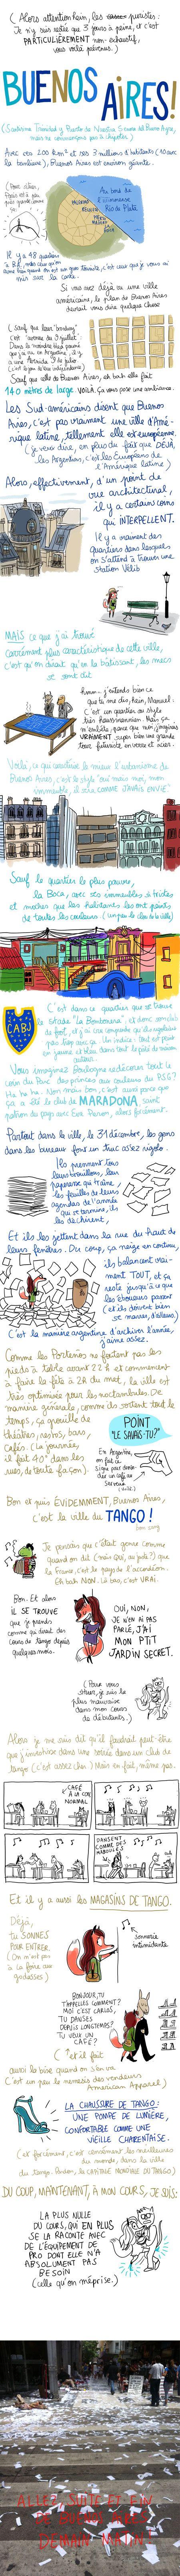 Pénélope Bagieu ré-invente le guide de voyage!